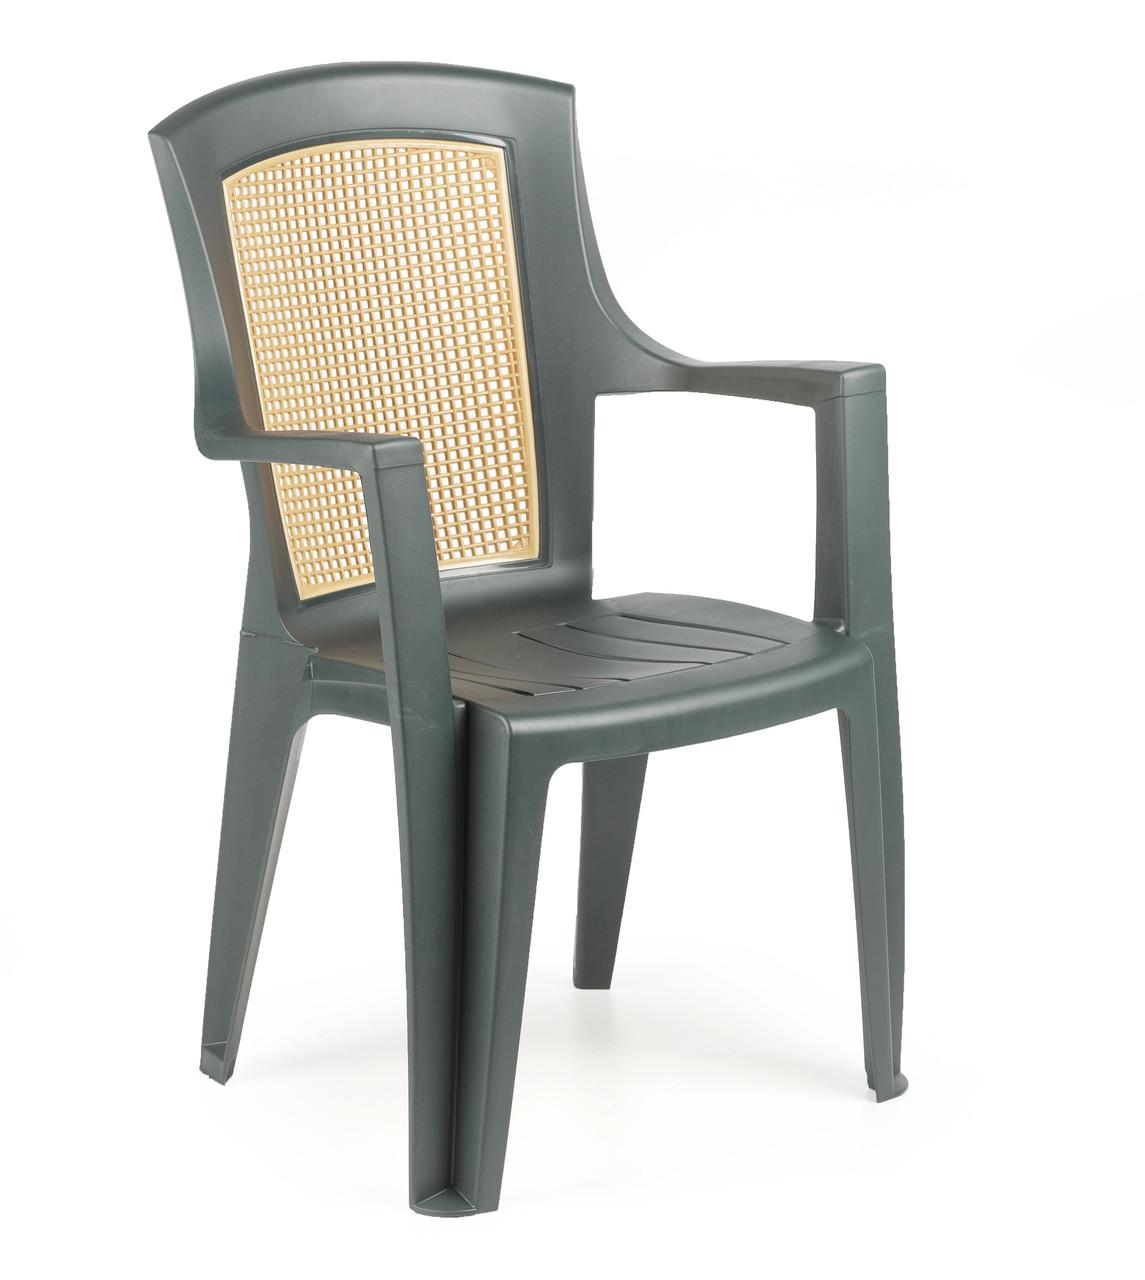 Кресло садовое Viola wood